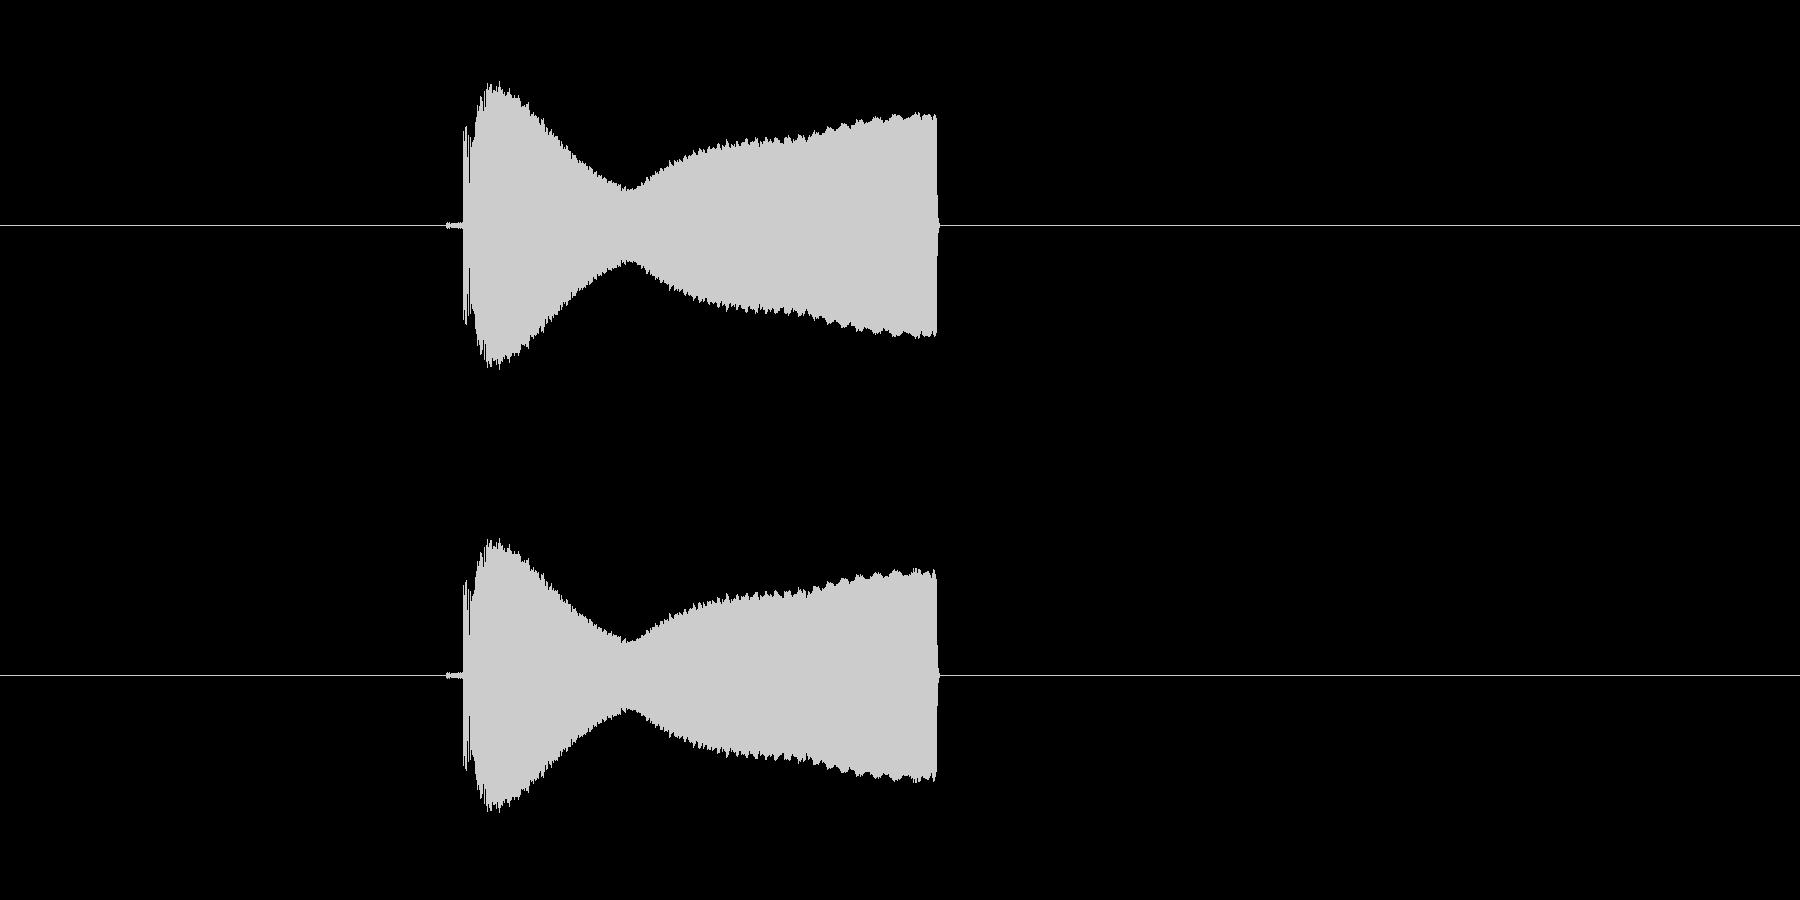 プィーーン!電子音の未再生の波形